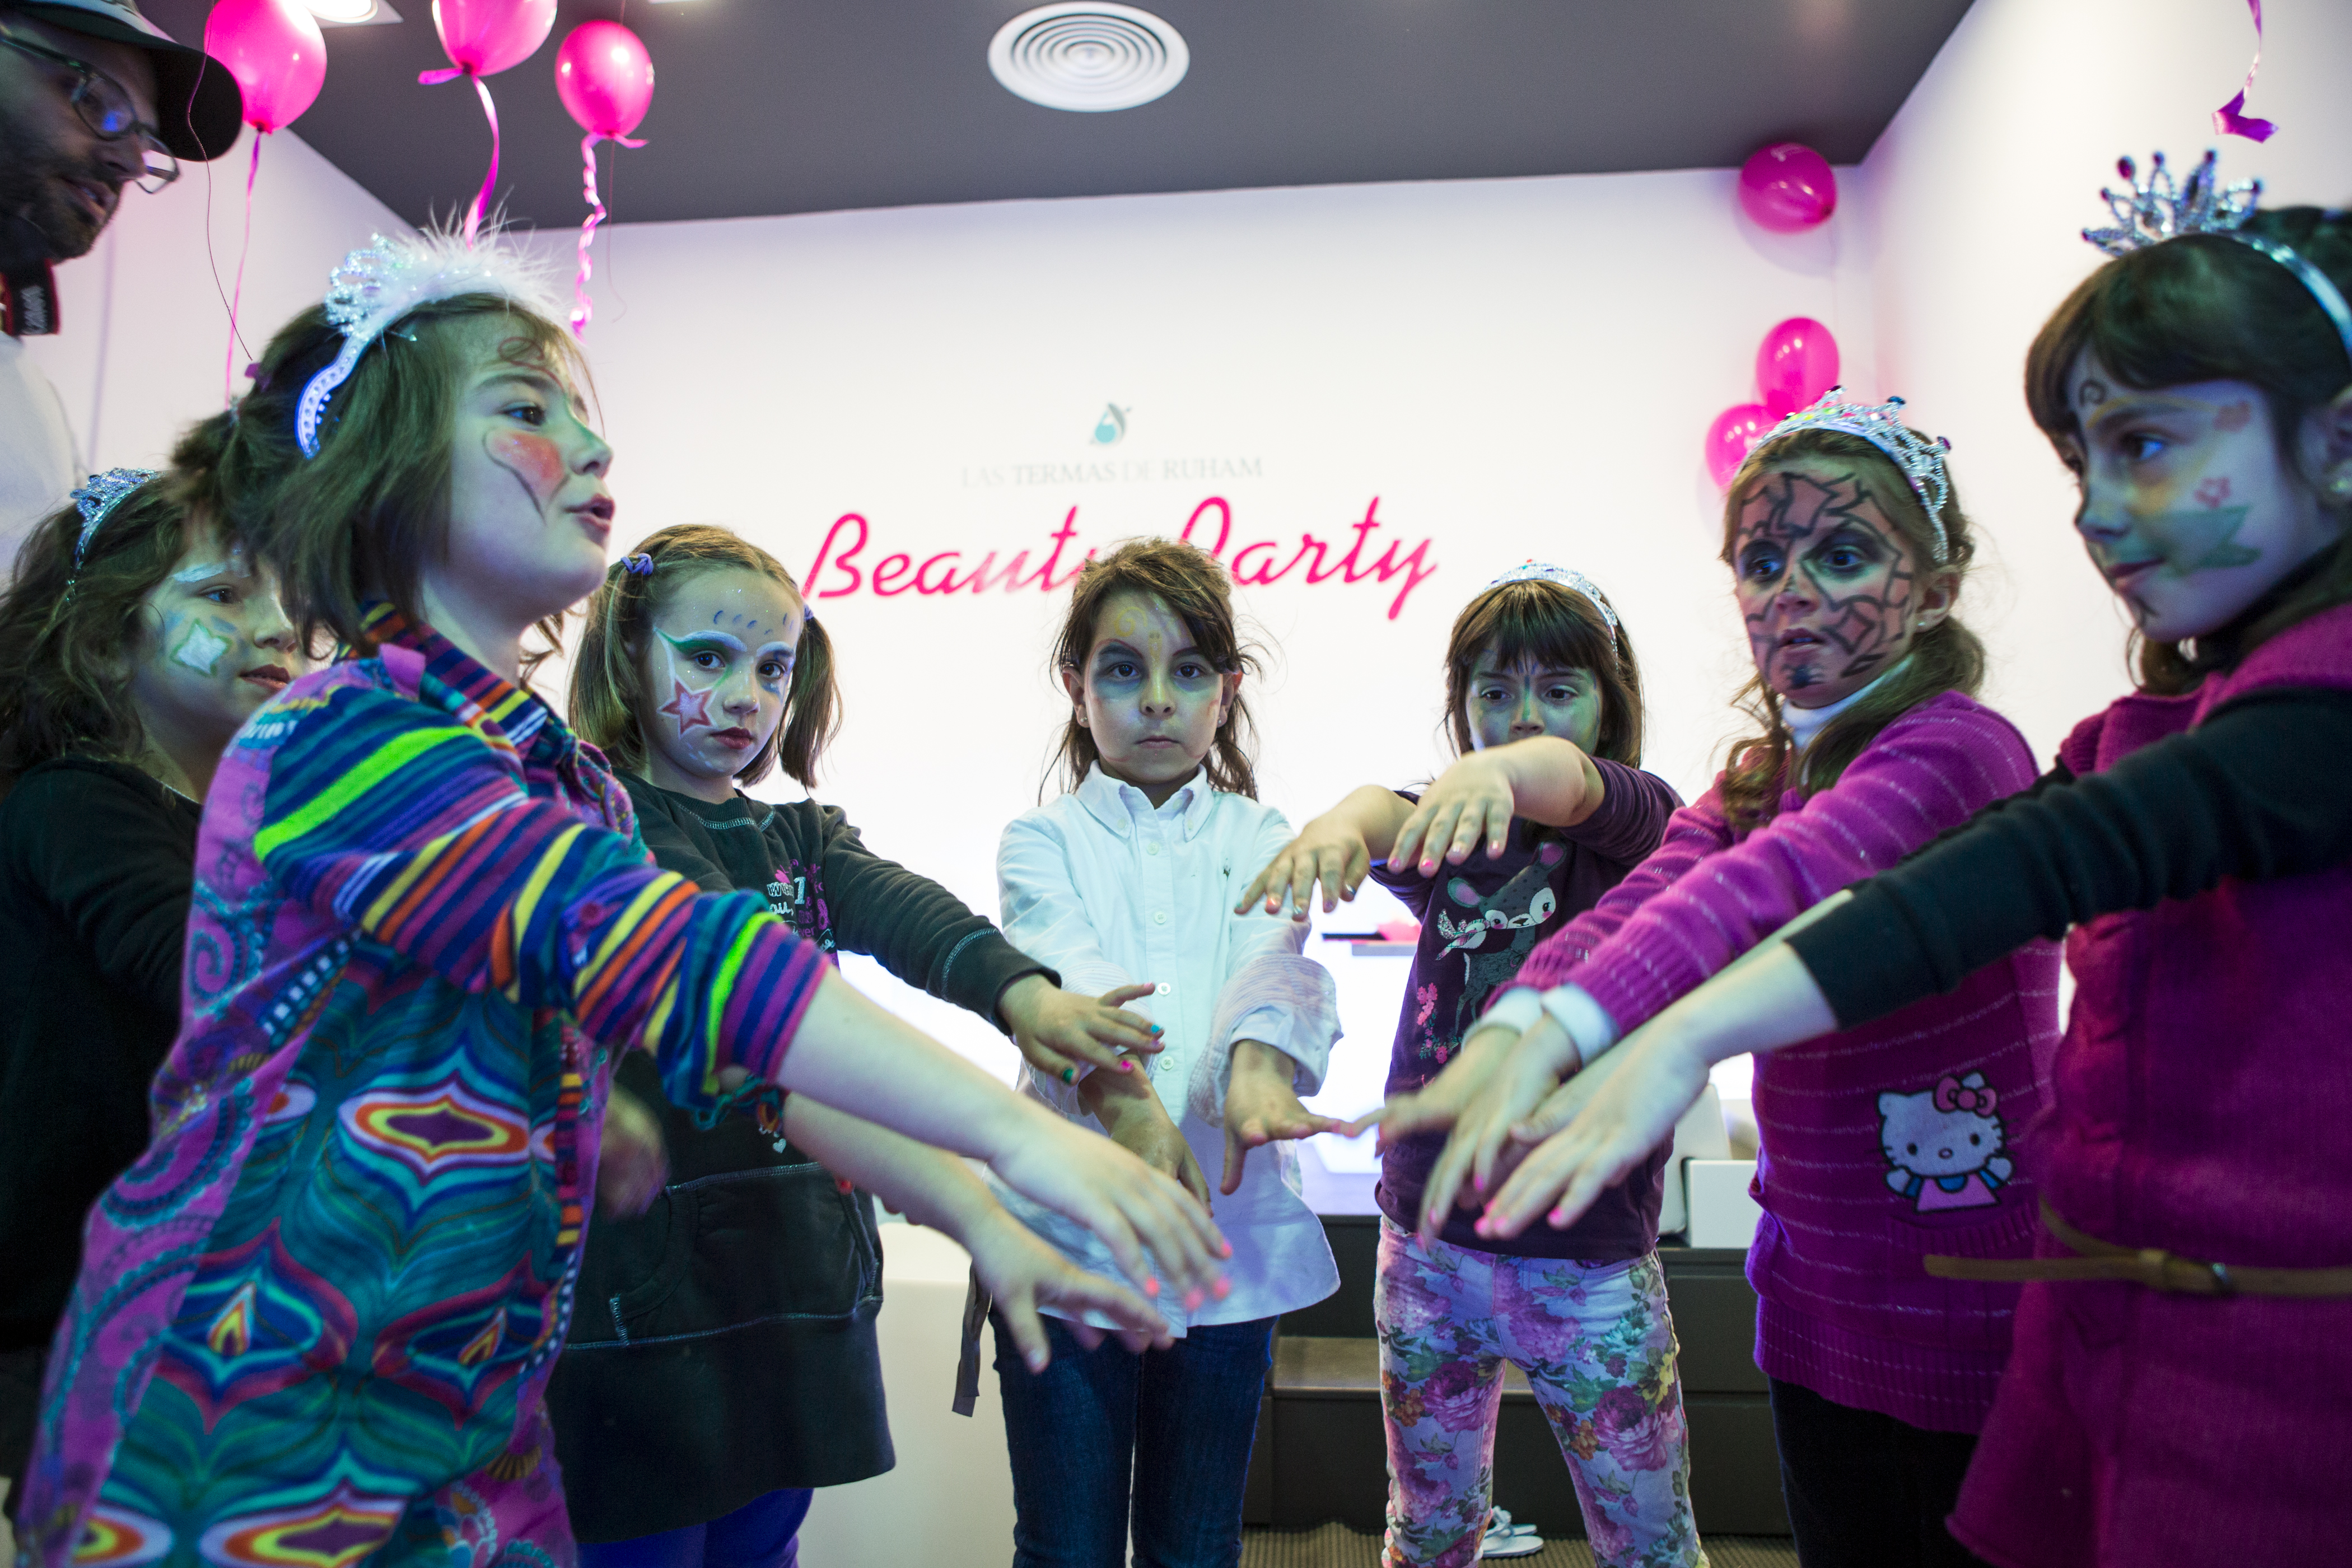 Un cumplea os diferente el blog de las termas - Fiesta cumpleanos 8 anos ...